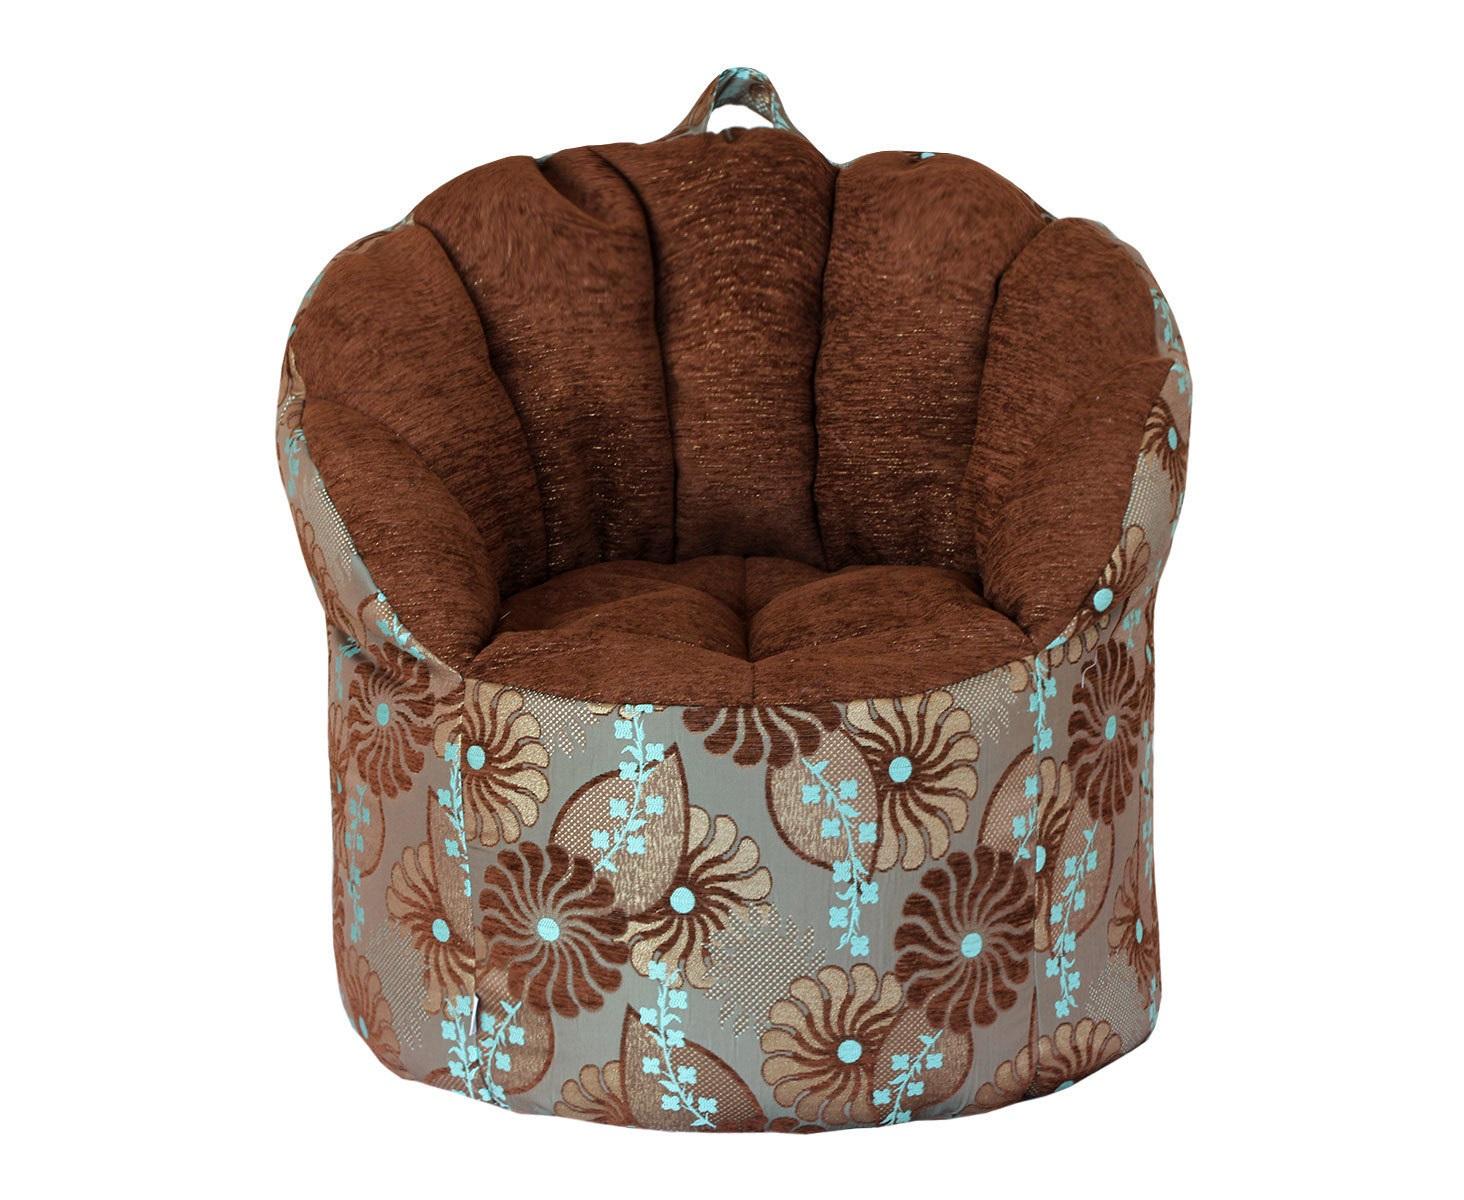 Кресло-пуф Blue FlowersФорменные пуфы<br>Это кресло просто создано для творческих людей! На нем будет так комфортно и приятно расположиться в перерыве между рисованием картины или игрой на музыкальном инструменте, на нем вы сможете обдумать и найти пути реализаций своих самых смелых фантазий, ведь яркий орнамент на этом кресле вдохновляет! Удобная спинка с круговой поддержкой спины позаботится о том, чтобы вам было уютно и приятно находиться в этом кресле, и ничего не отвлекало вас от дел.<br><br>Material: Текстиль<br>Ширина см: 70<br>Высота см: 35<br>Глубина см: 80